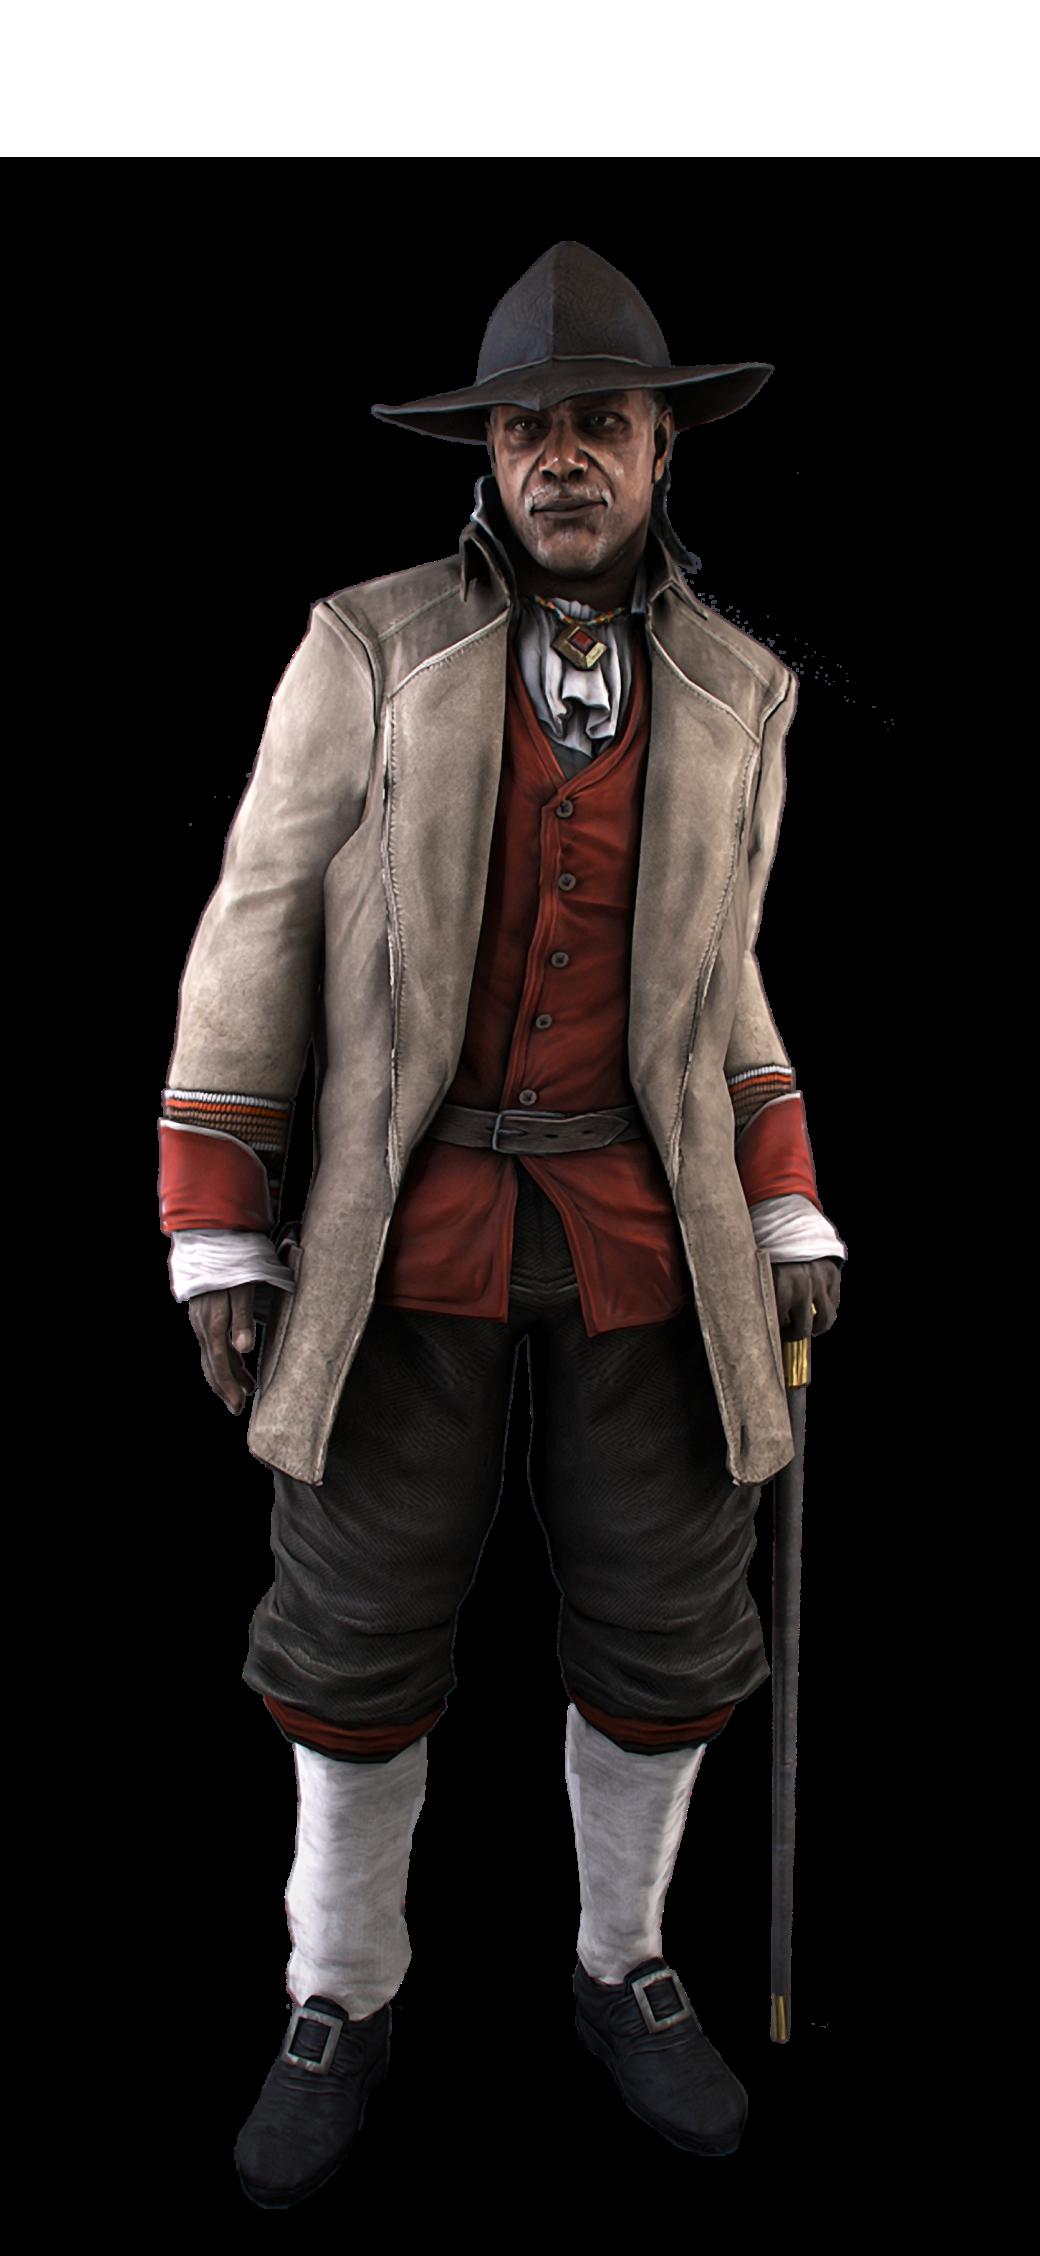 Почему Assassin's Creed Rogue может оказаться провалом | Канобу - Изображение 6